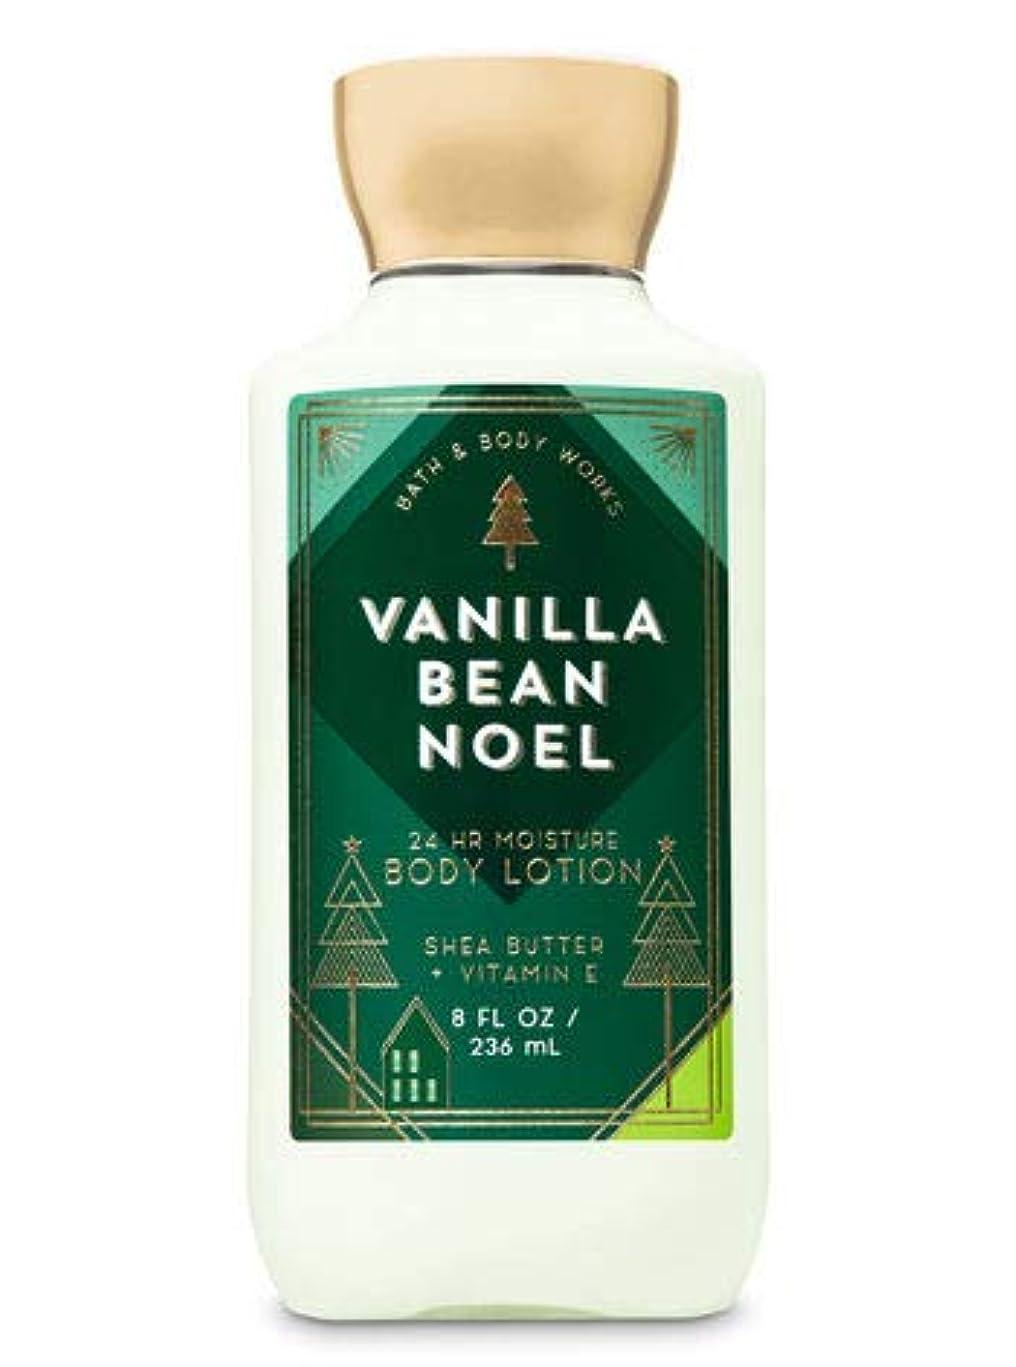 追い越す叙情的な落胆するバス&ボディワークス バニラビーンノエル ボディローション Vanilla Bean Noel body lotion [並行輸入品]